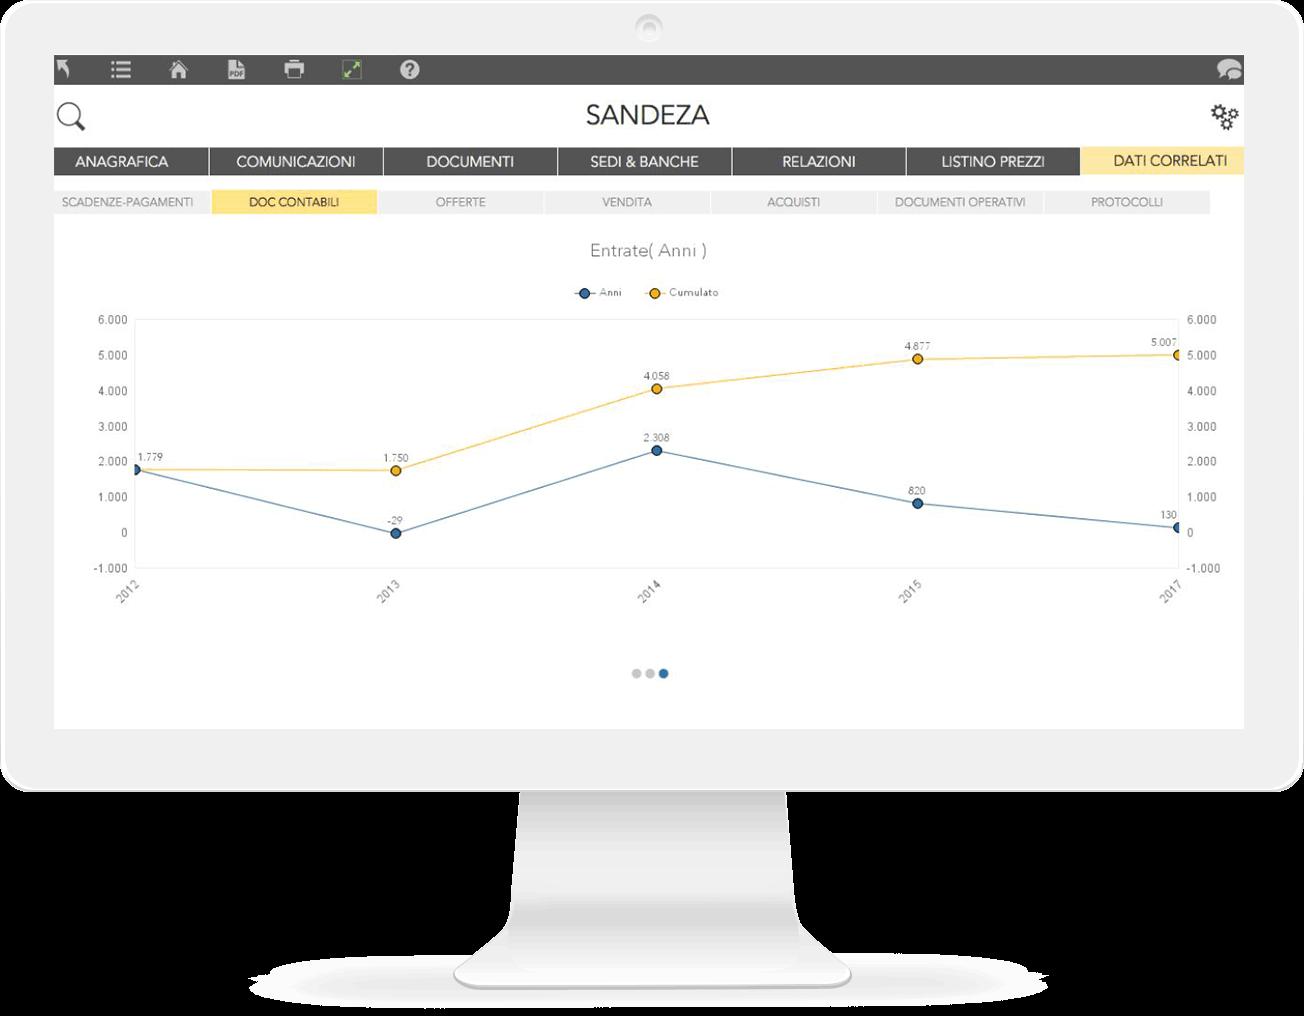 CRM di zService grafico delle entrate e uscite nei documenti contabili della scheda cliente